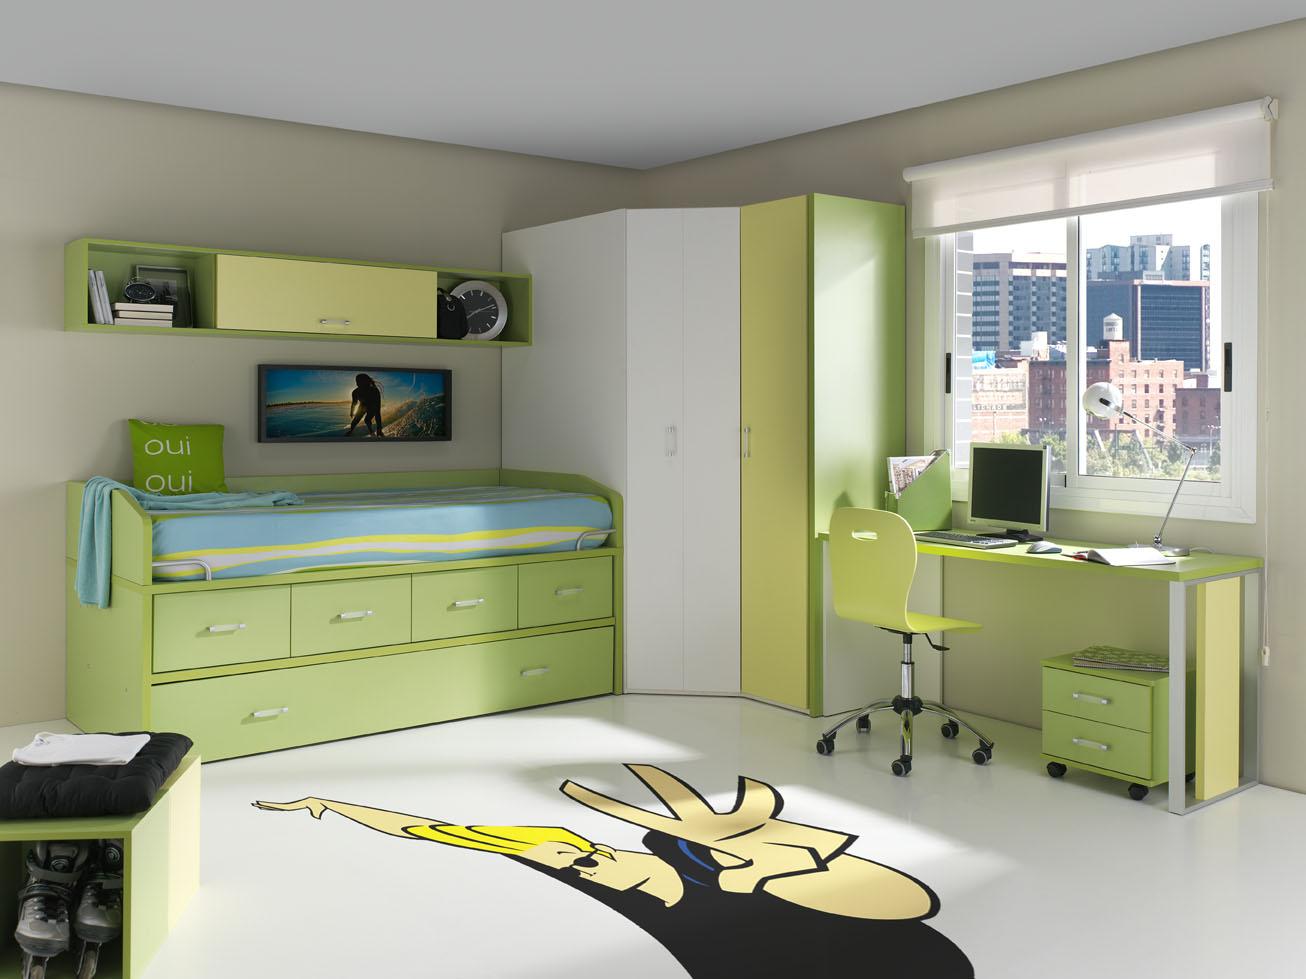 Dormitorios juveniles en color verde muebles orts blog - Colores para dormitorios juveniles ...